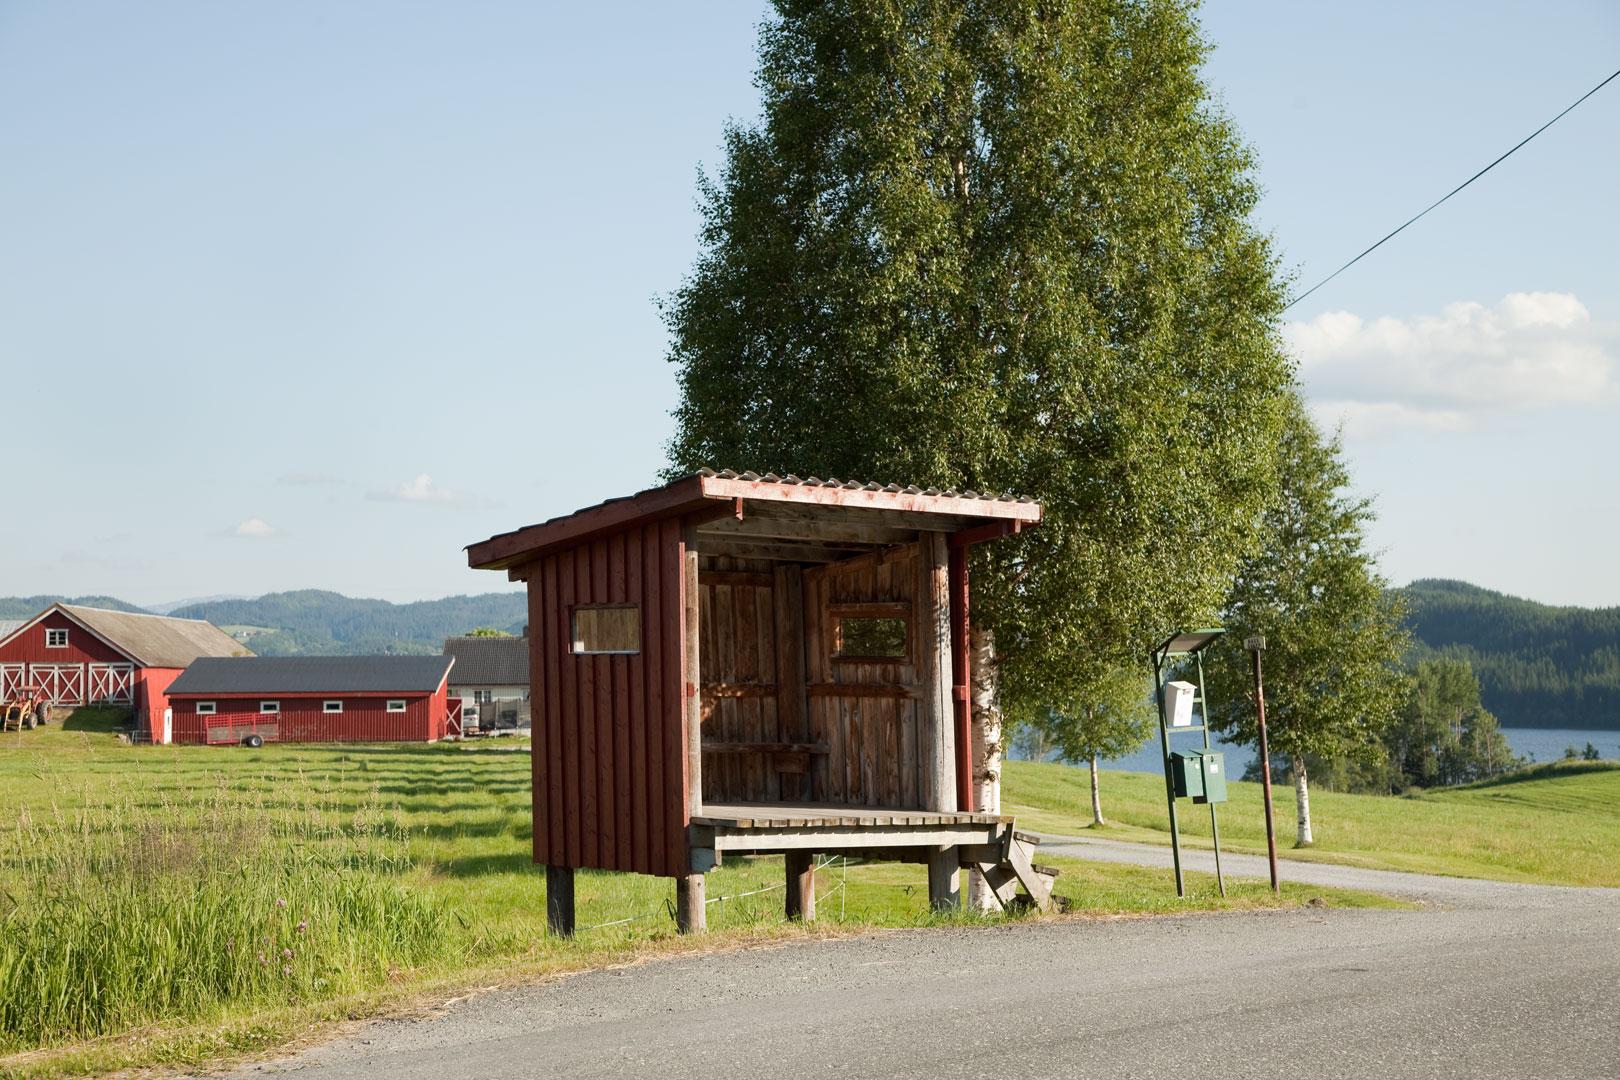 En av de sju melkerampene i Selbu i Sør-Trøndelag som ble fredet i forbindelse med prosjektet «Dagliglivets kulturminner» i 2009.Foto: Birger Linstad / Riksantikvaren